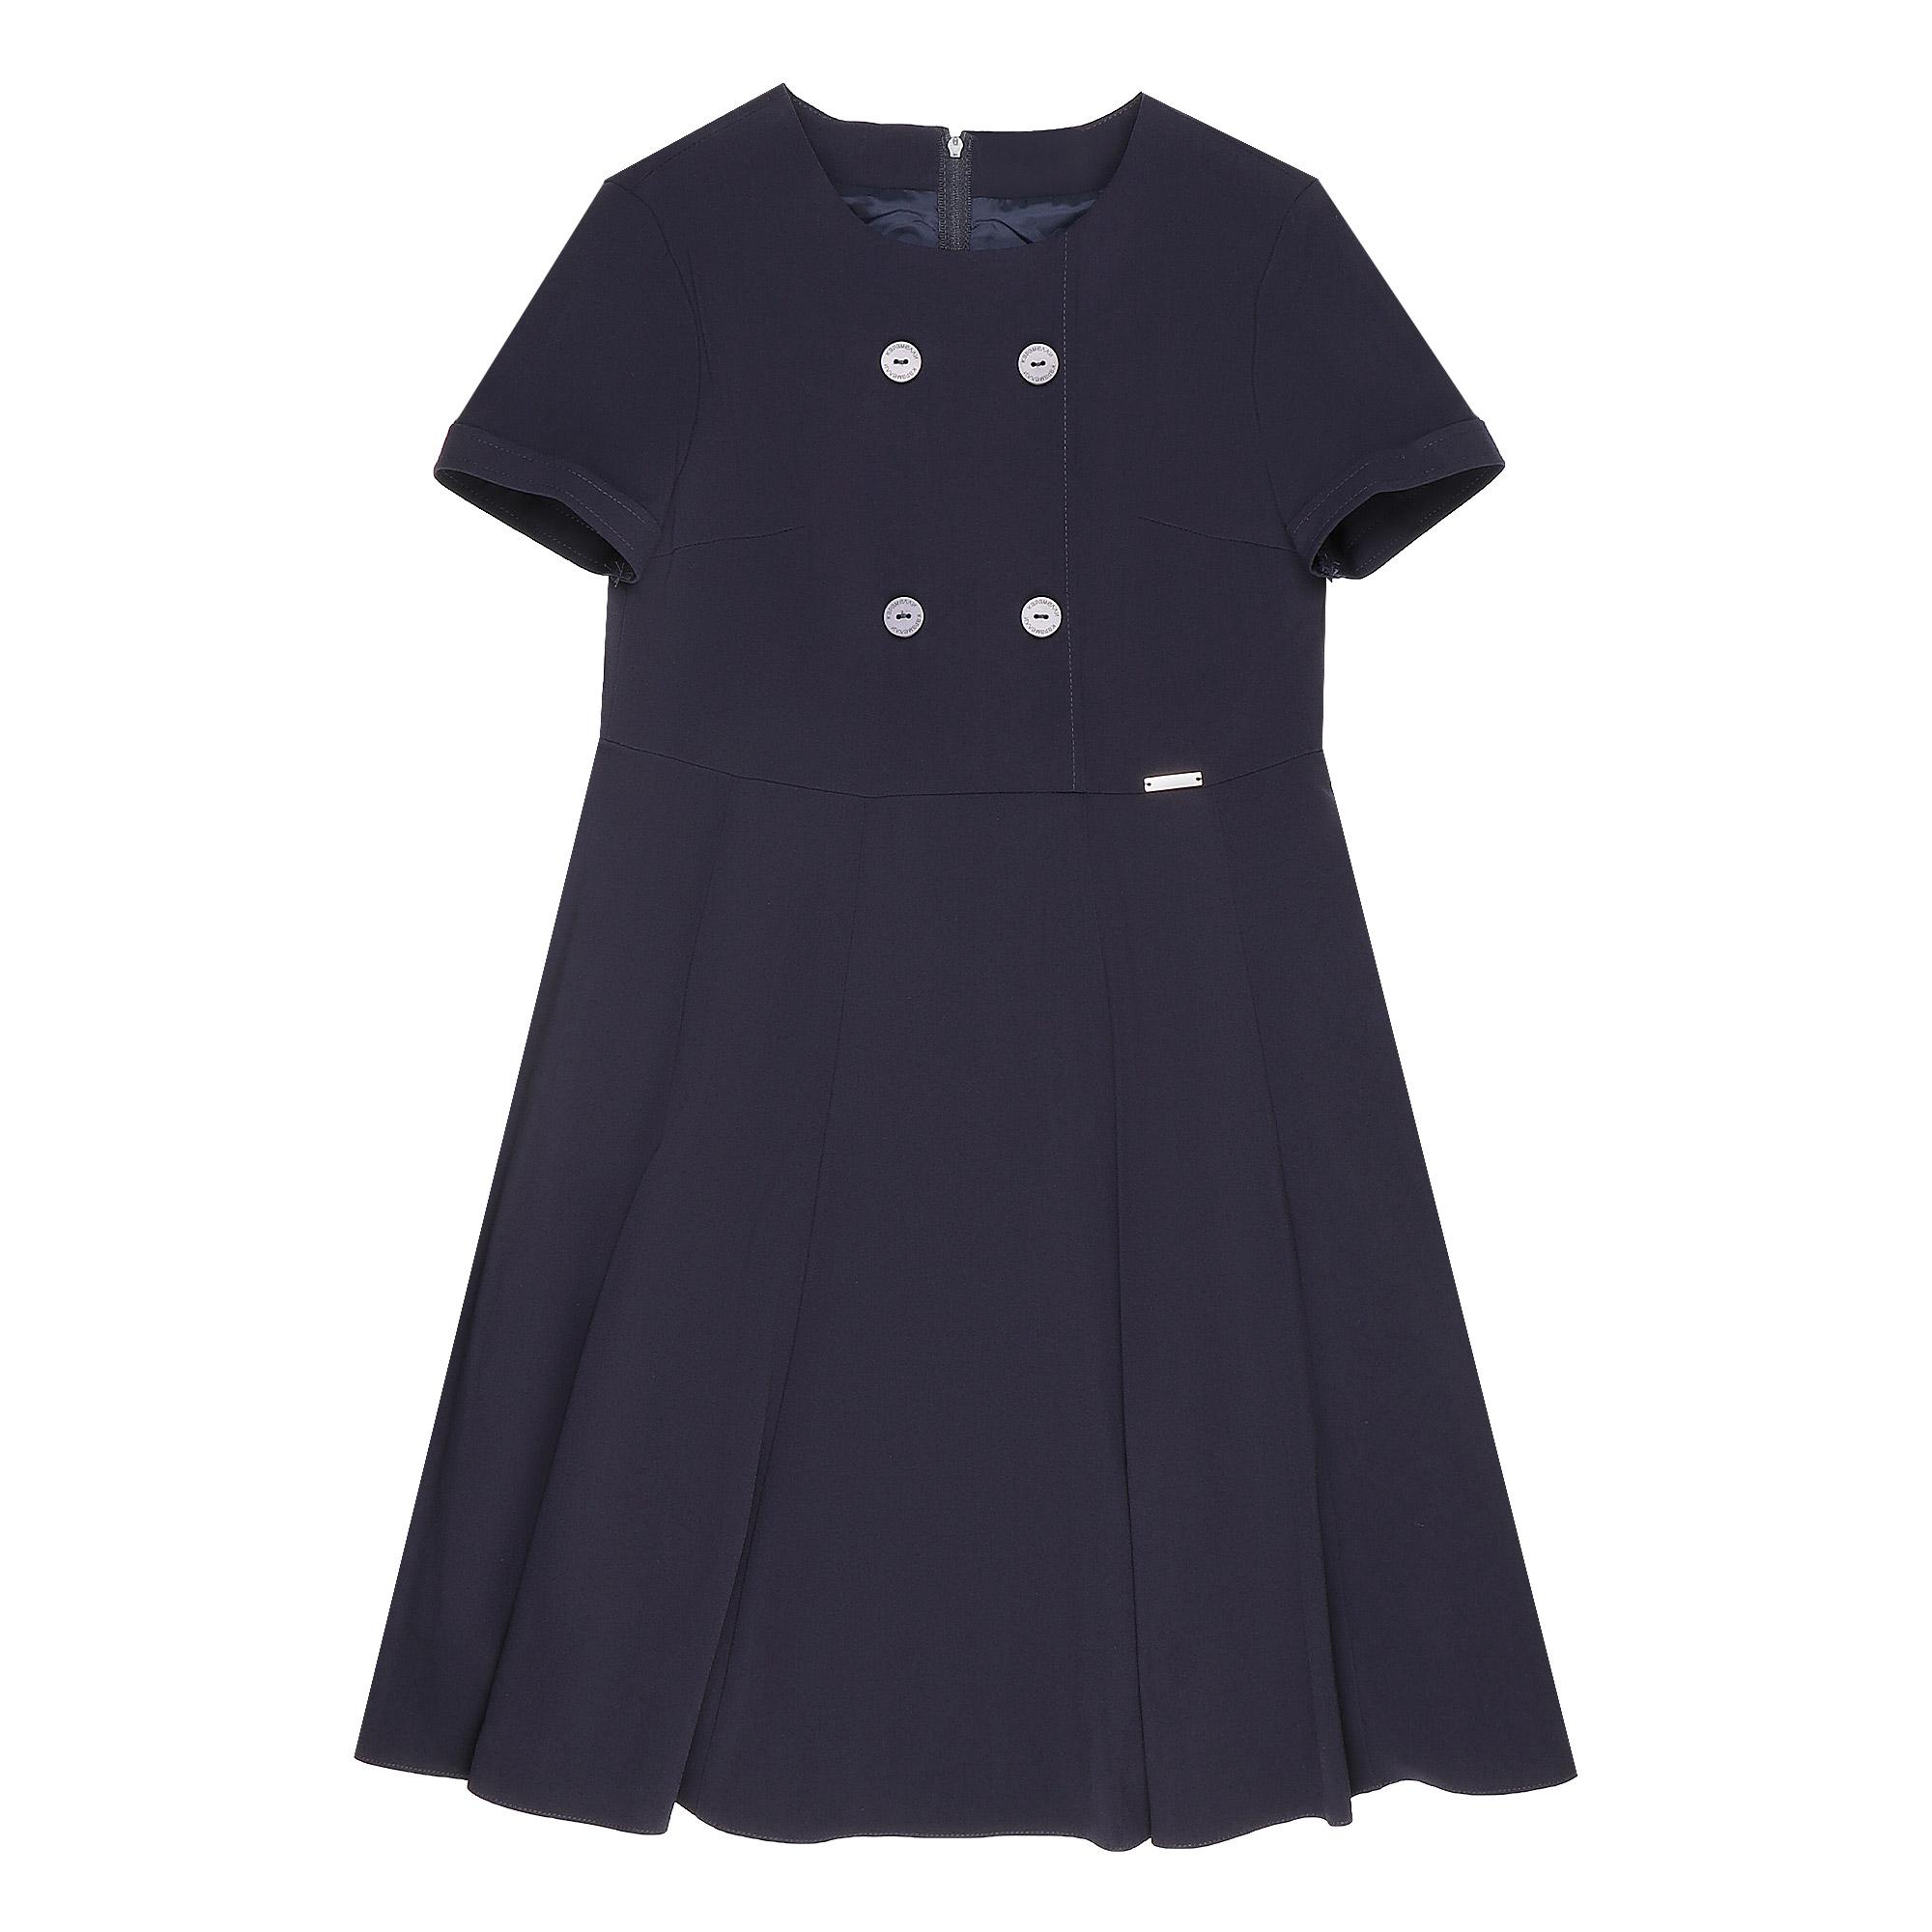 Купить Платье школьное КАРАМЕЛЛИ О74706 синее 128, Синий, Для девочек, Всесезонный,